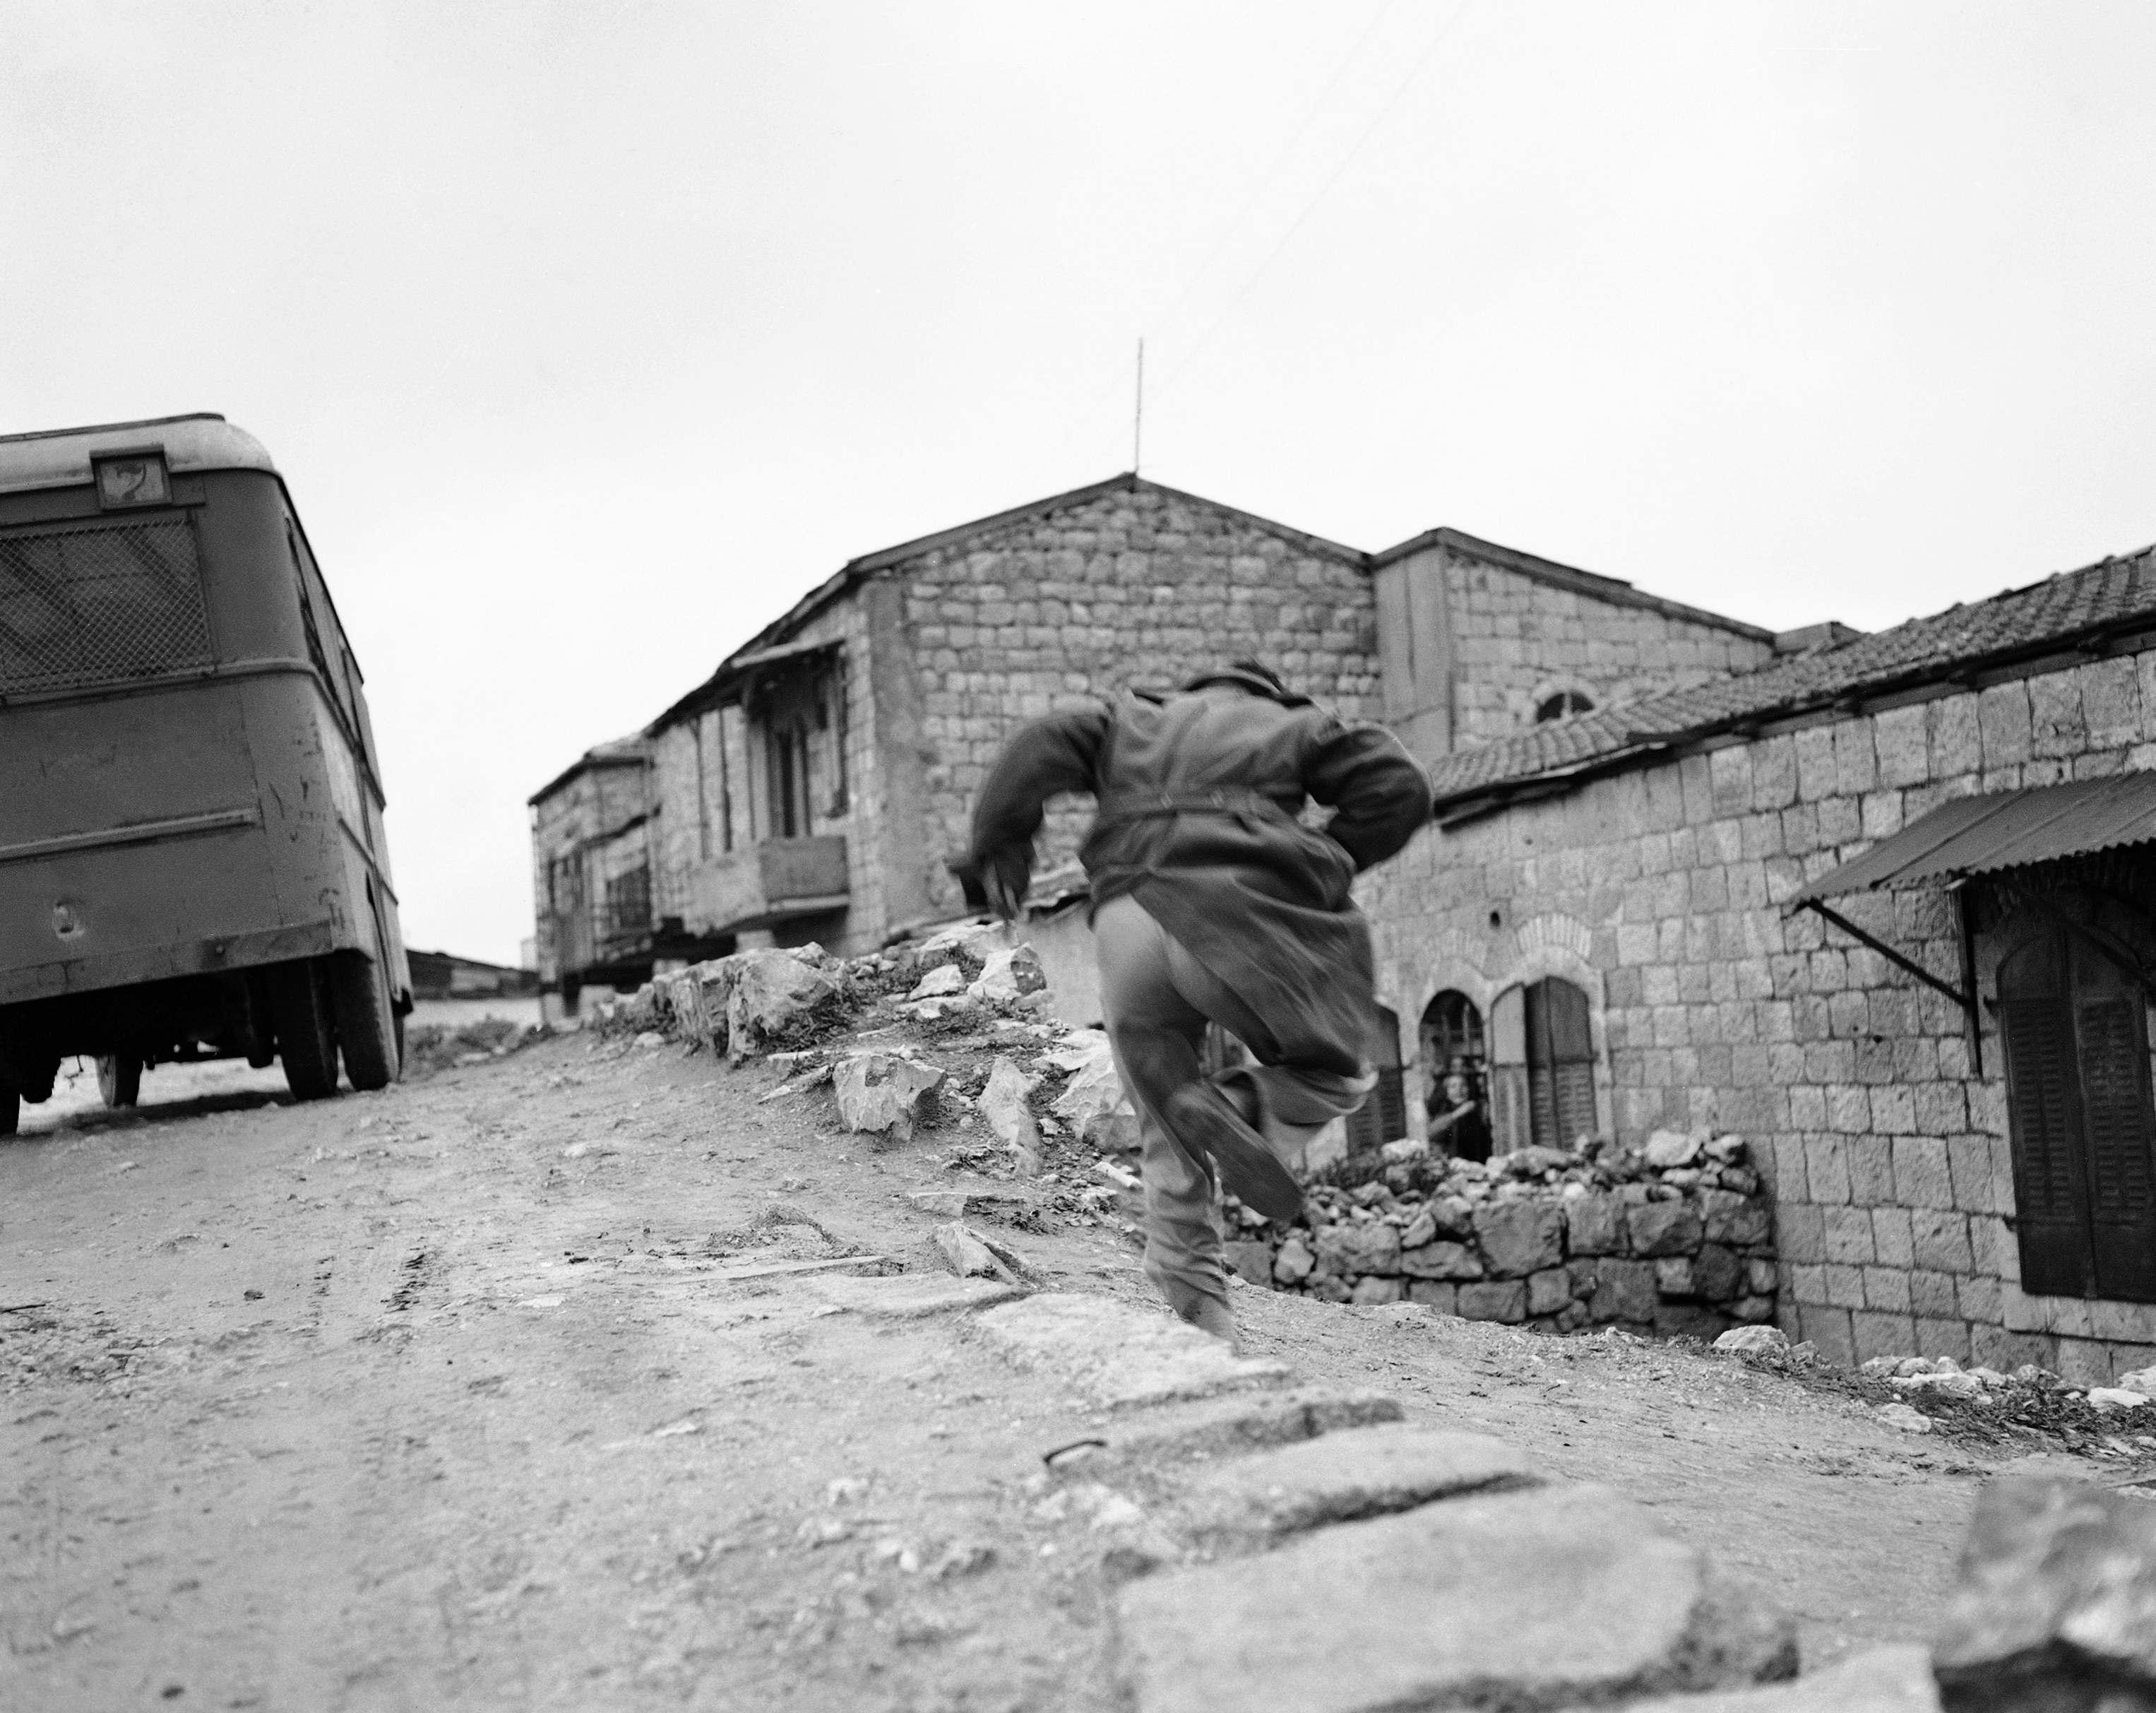 Застигнутый под открытым небом еврей пытается убежать, когда по нему стреляет арабский снайпер.в Монтефиоре, еврейском квартале  Иерусалима.  Январь